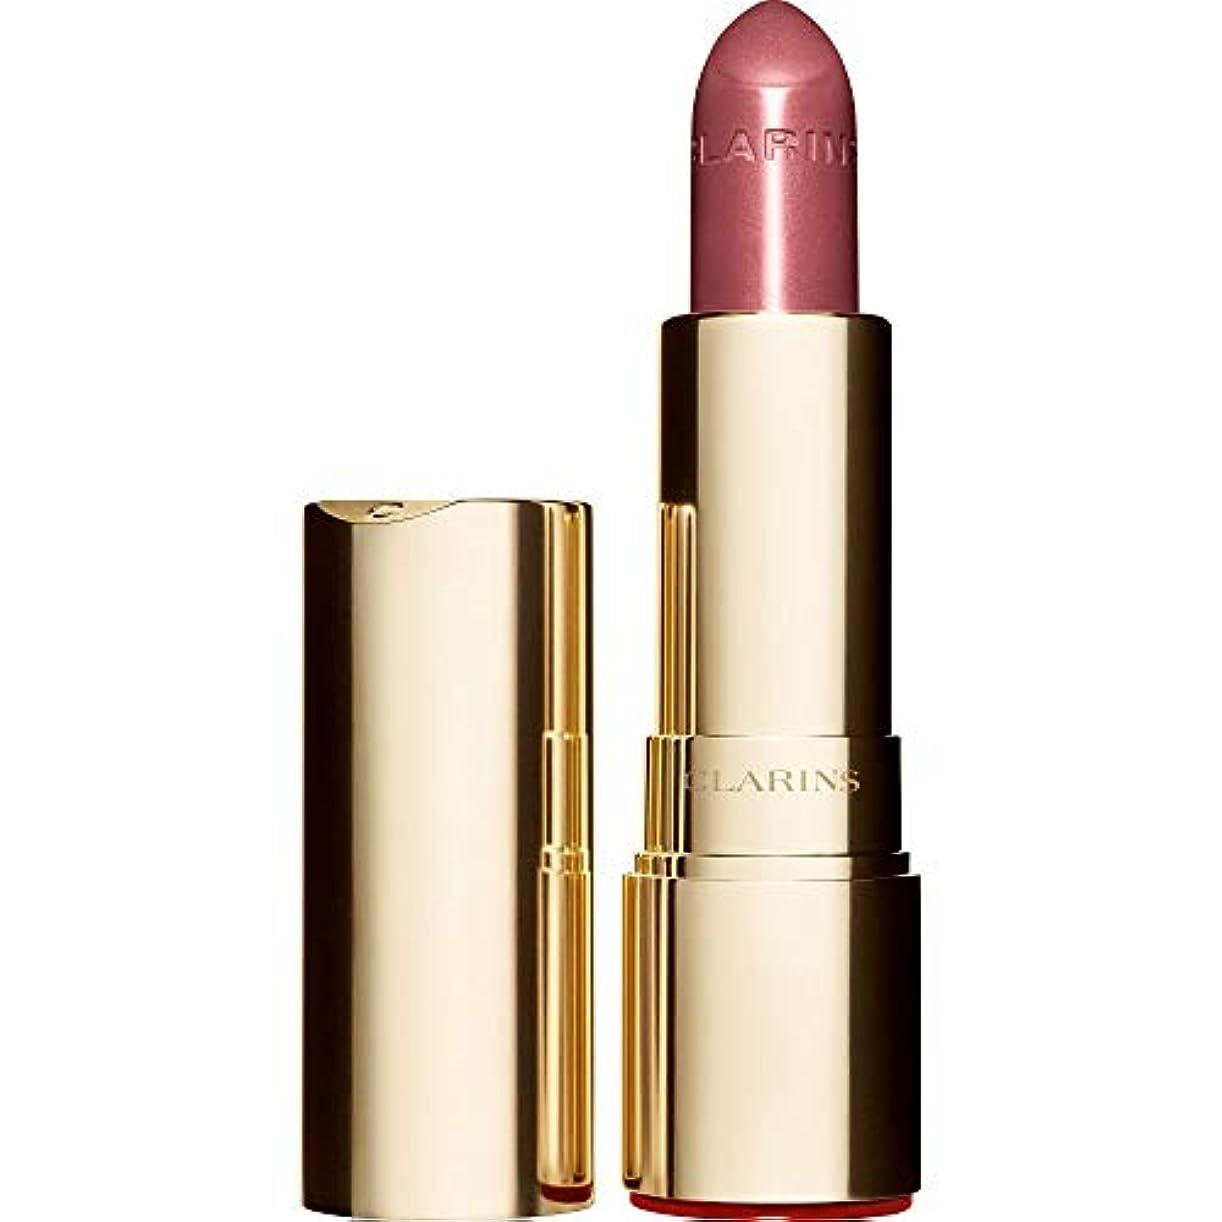 名詞乳白色債務[Clarins ] クラランスジョリルージュブリリアント口紅3.5グラムの731Sは、 - ベリーローズ - Clarins Joli Rouge Brillant Lipstick 3.5g 731S - Rose...